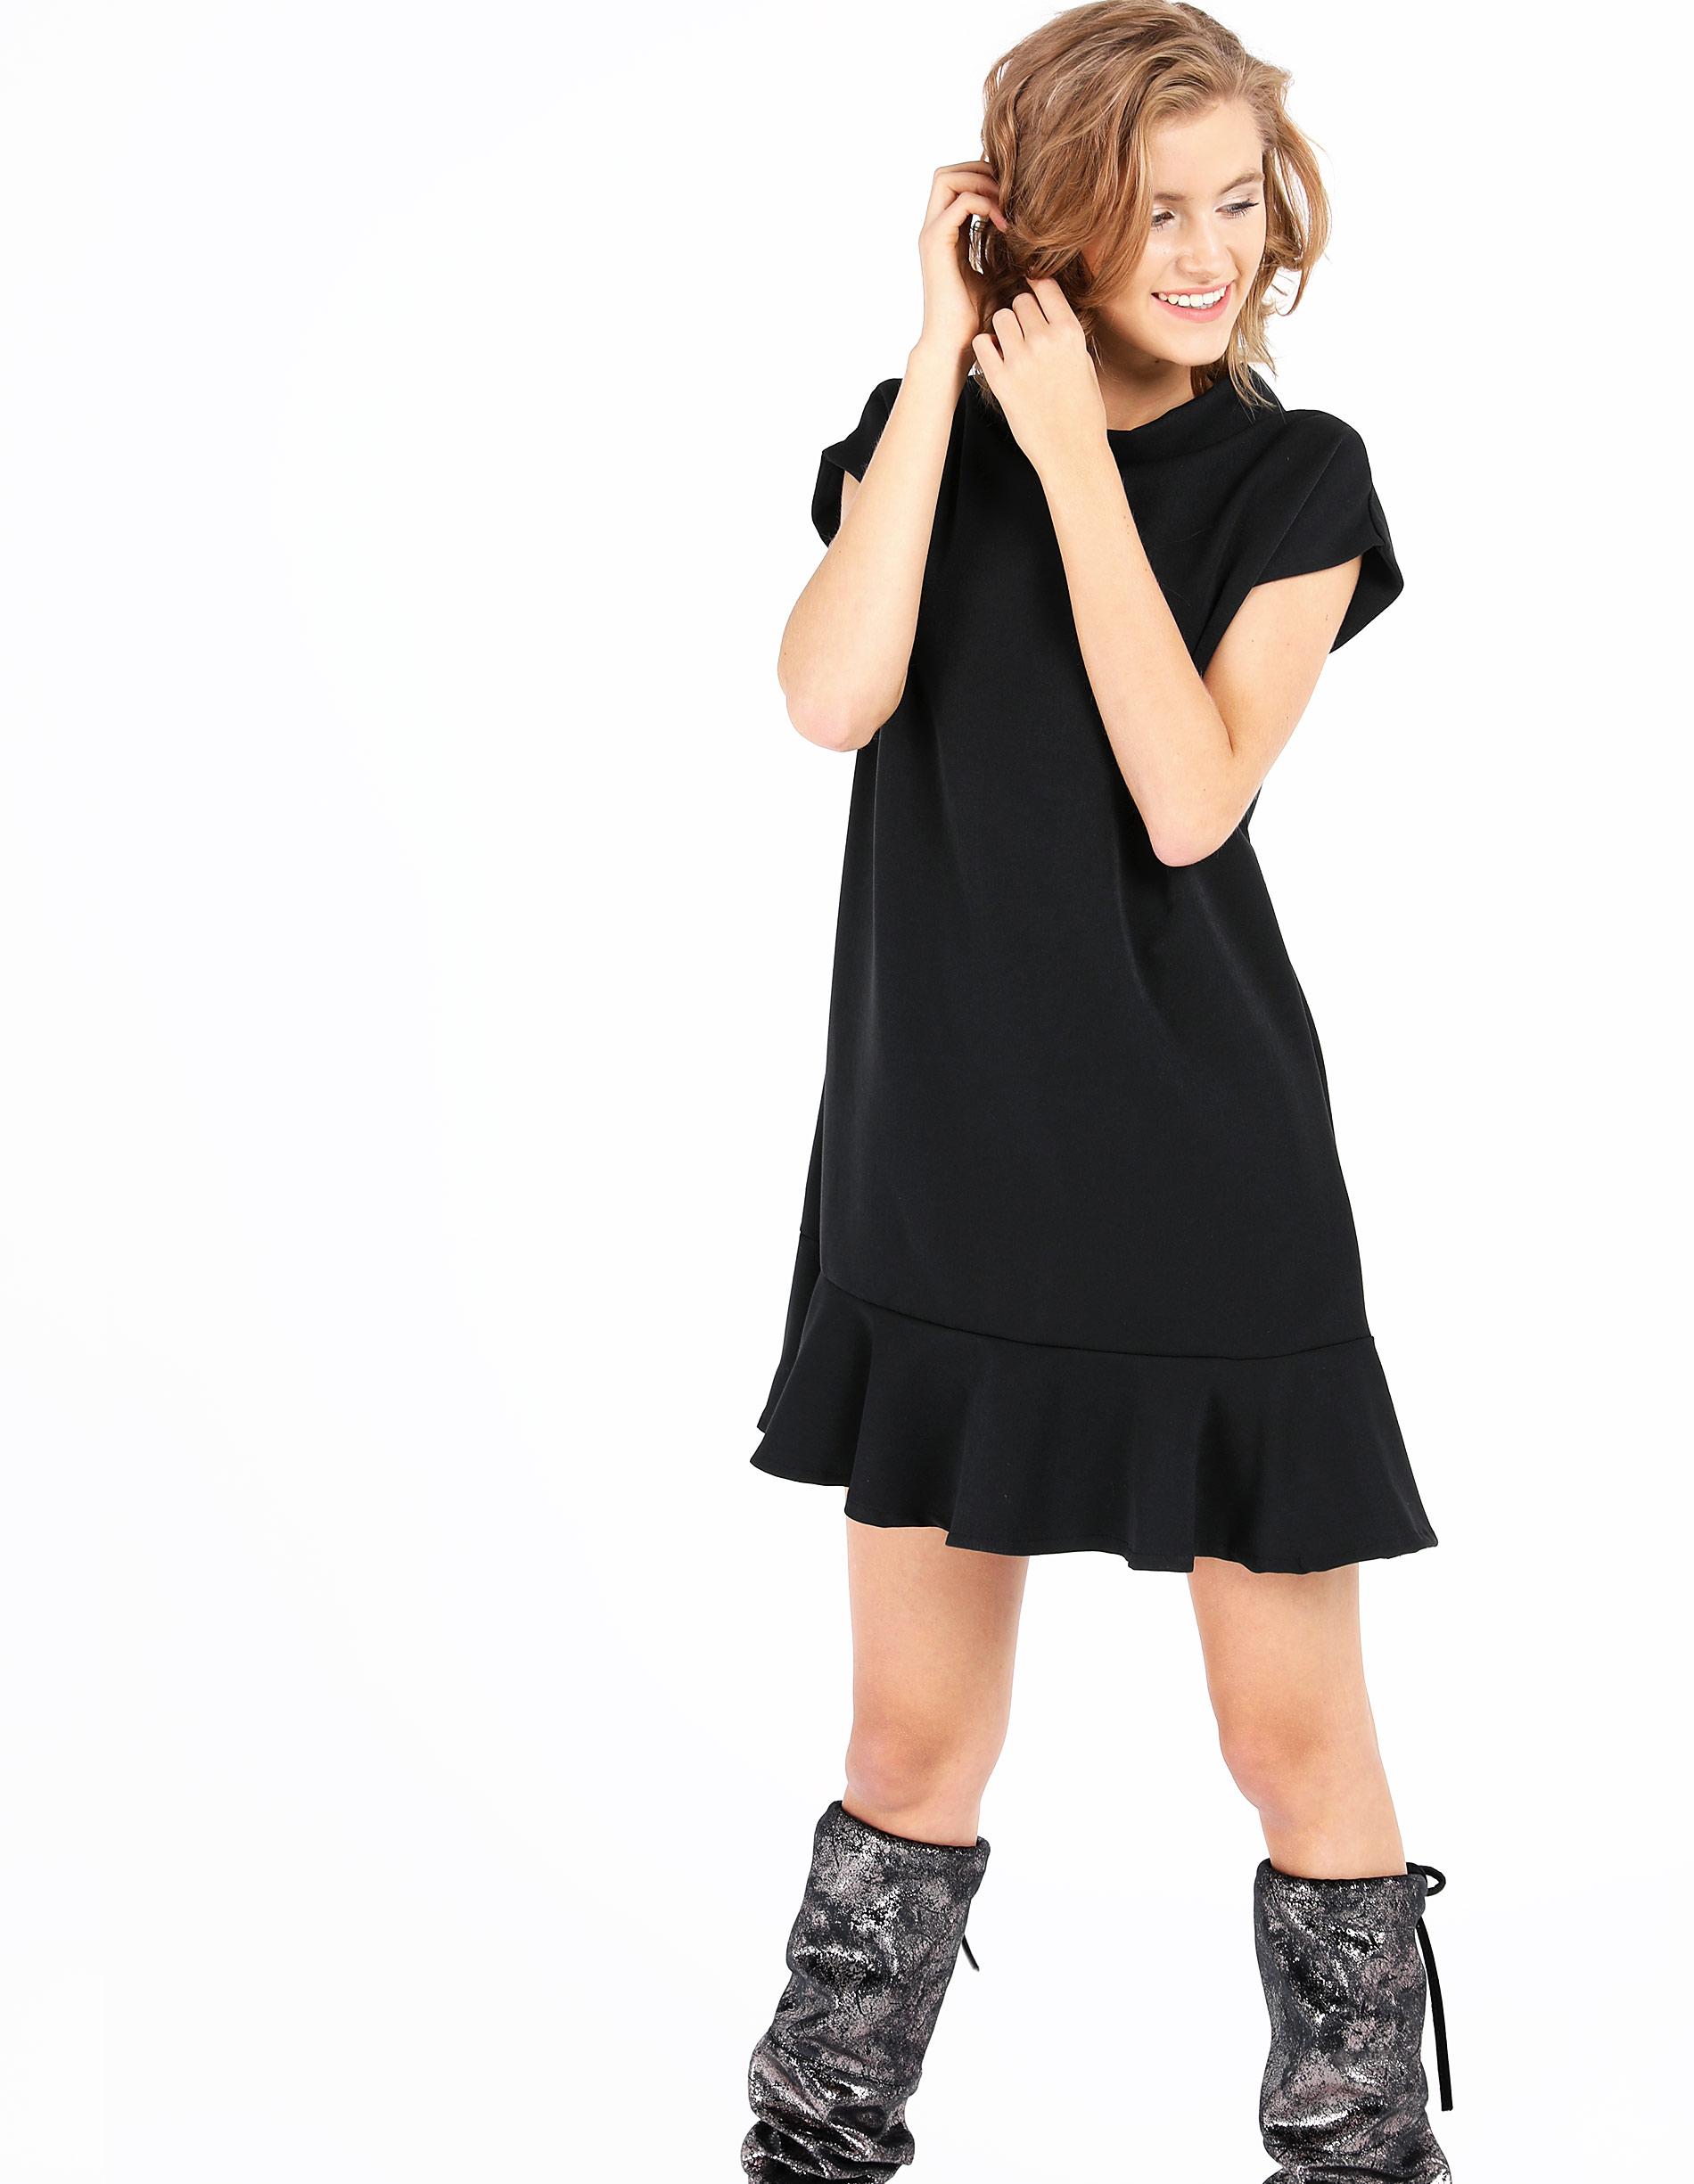 Sukienka - 59-80173 NERO - Unisono